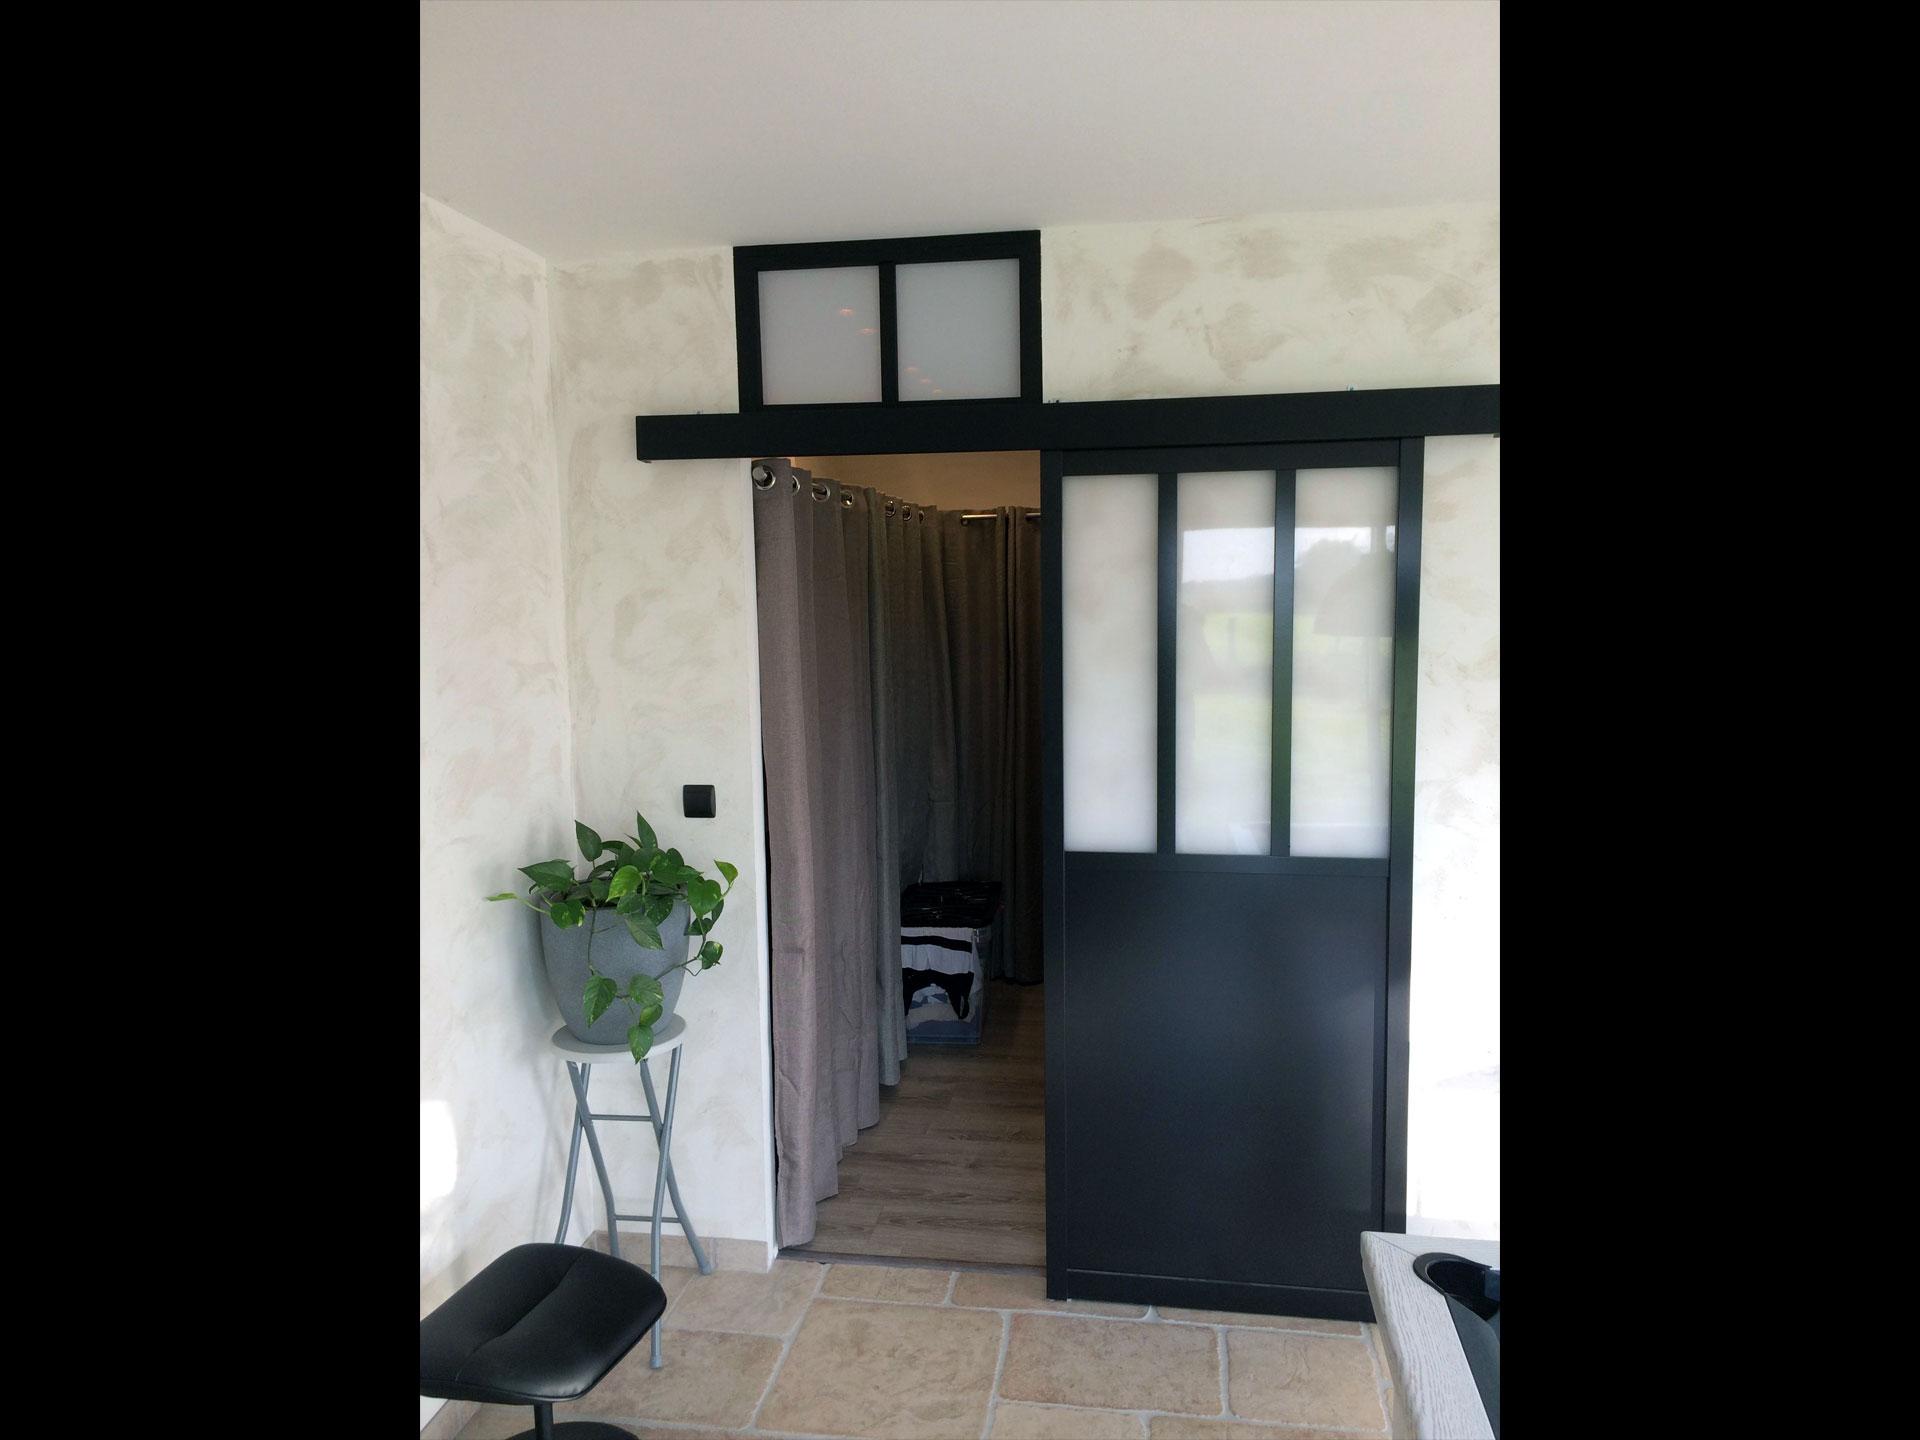 Extension Chambre porte verrière atelier dans l'extension chambre avec dressing à